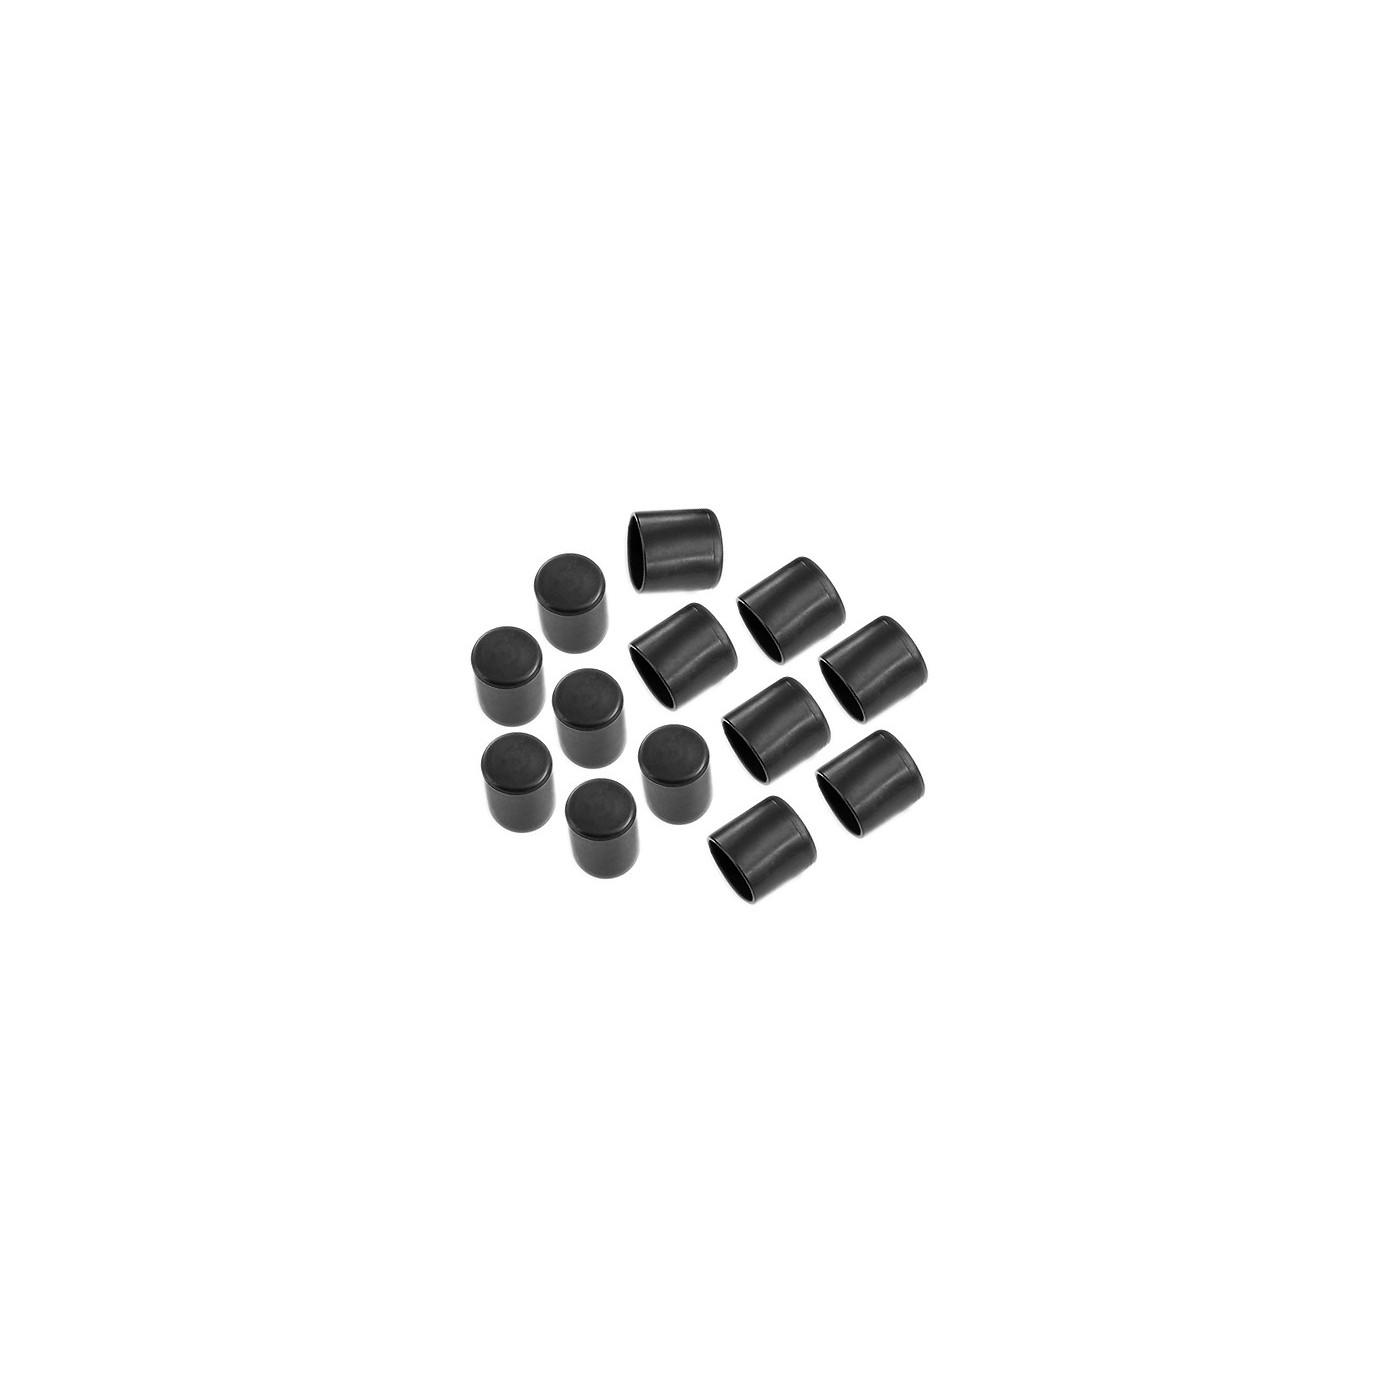 Set von 32 silikonkappen (Außenkappe, rund, 20 mm, schwarz)